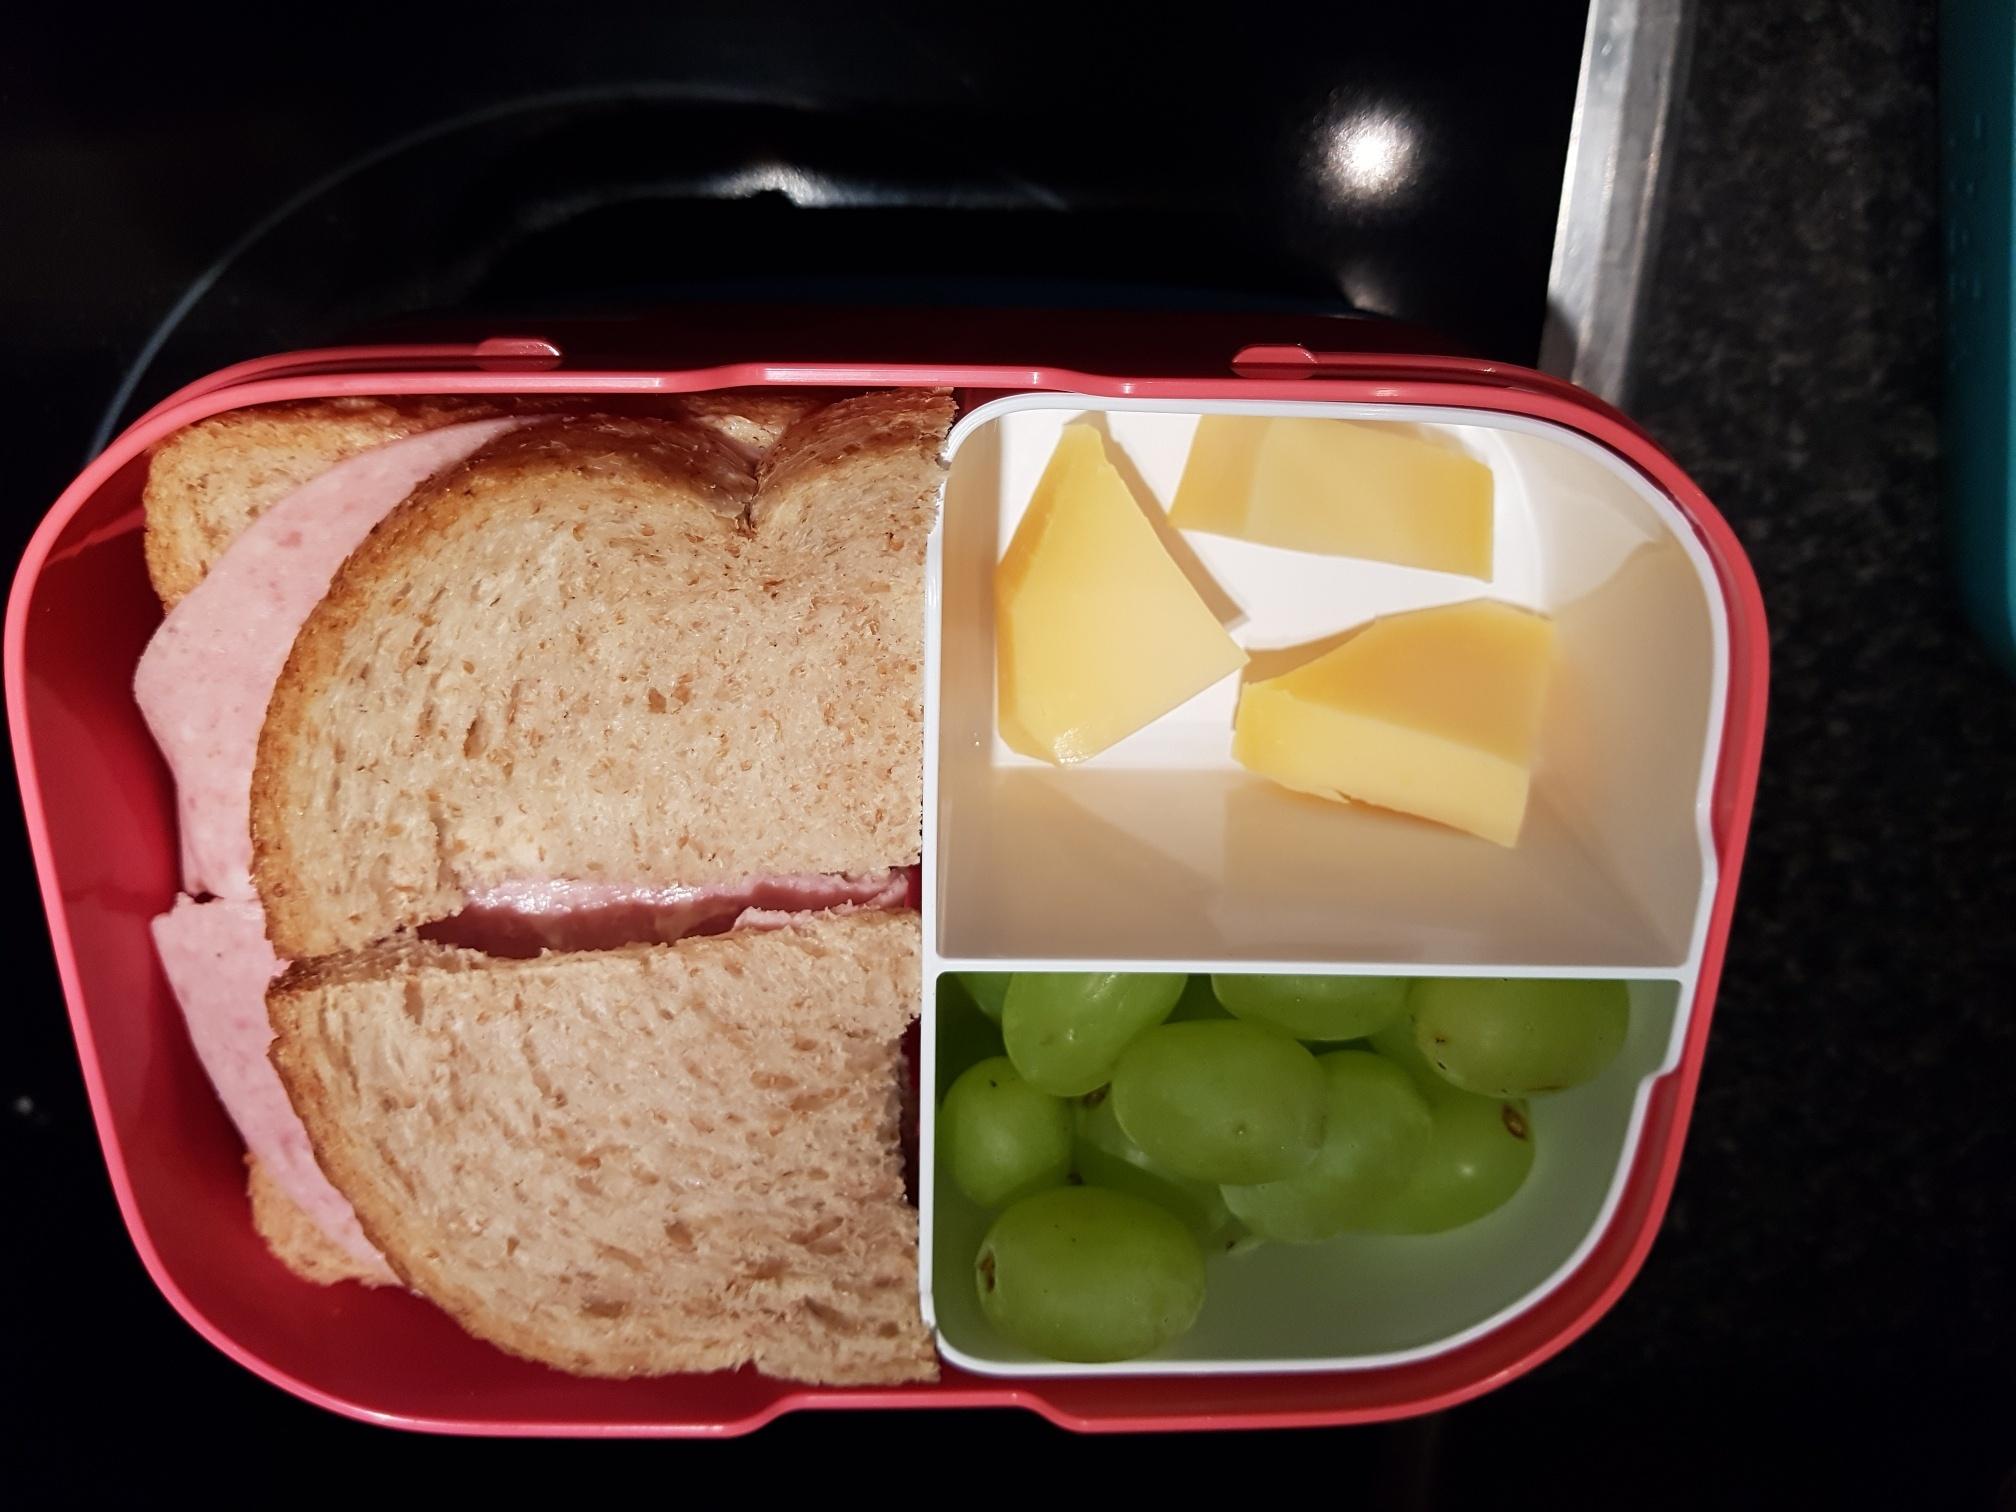 broodtrommeltje mee naar school